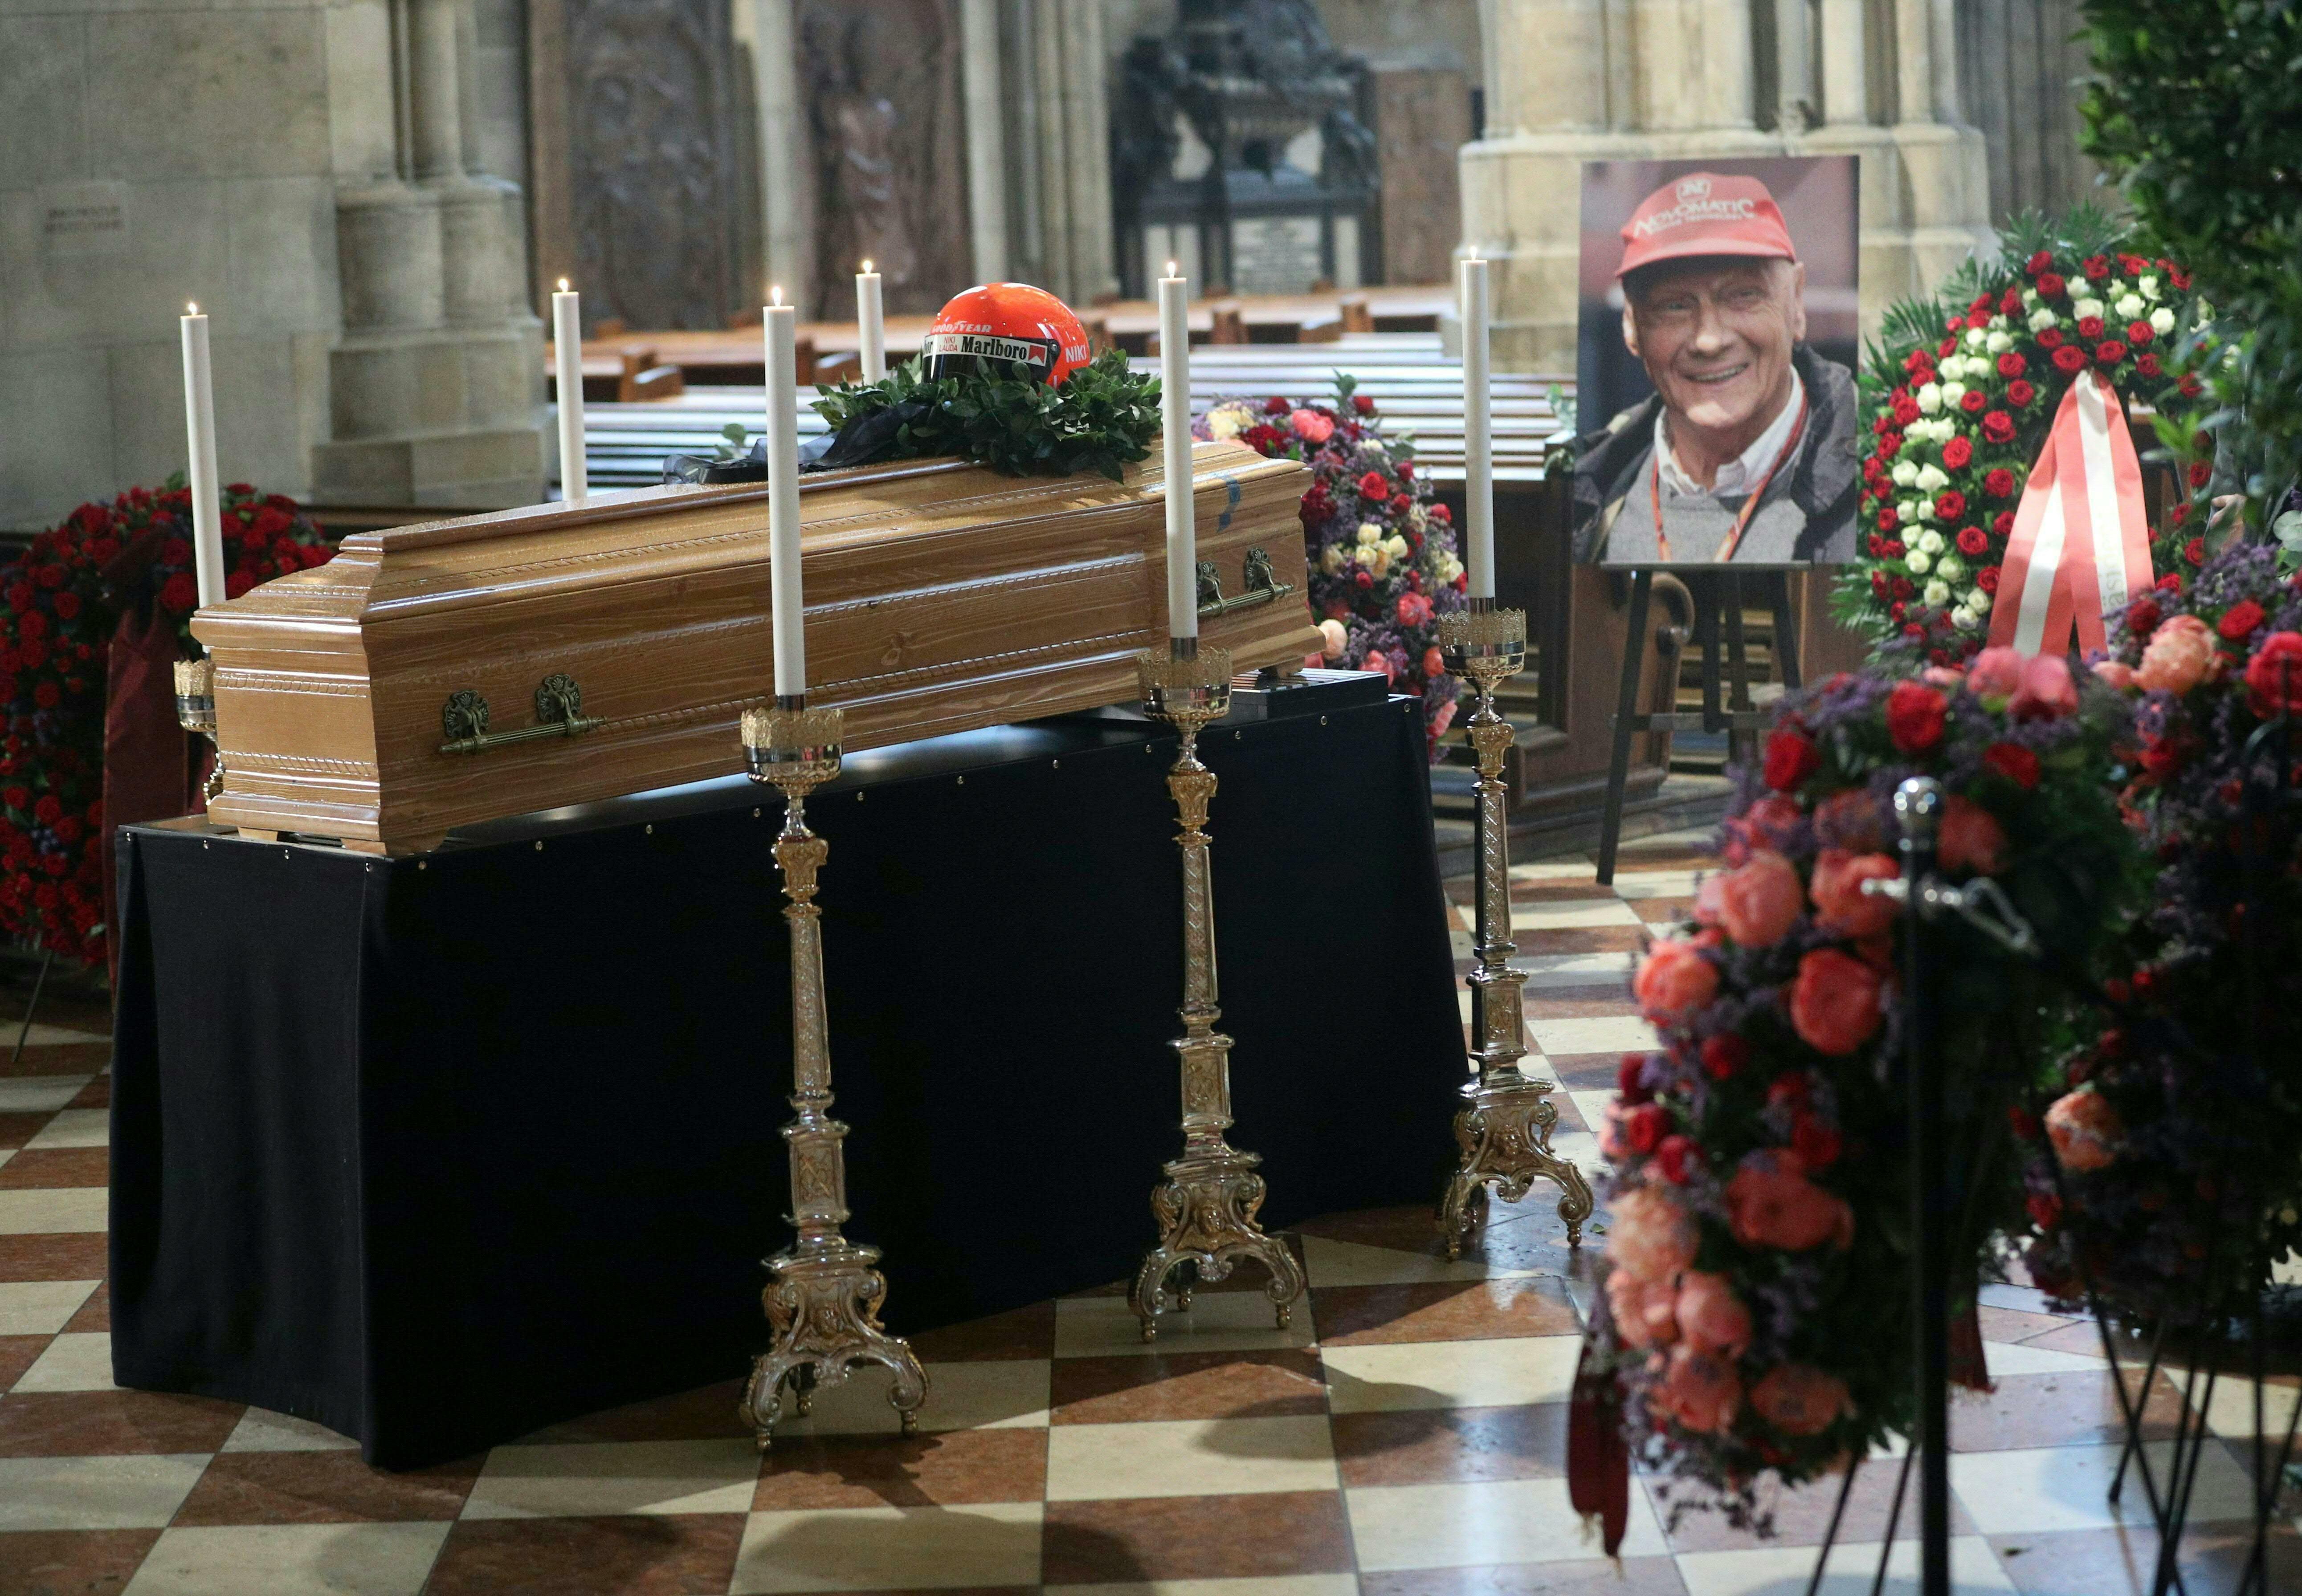 Aufbahrung der verstorbenen Motorsport-Legende Niki Lauda, am Mittwoch, 29. Mai 2019, im Stephansdom in Wien, Oesterreich.